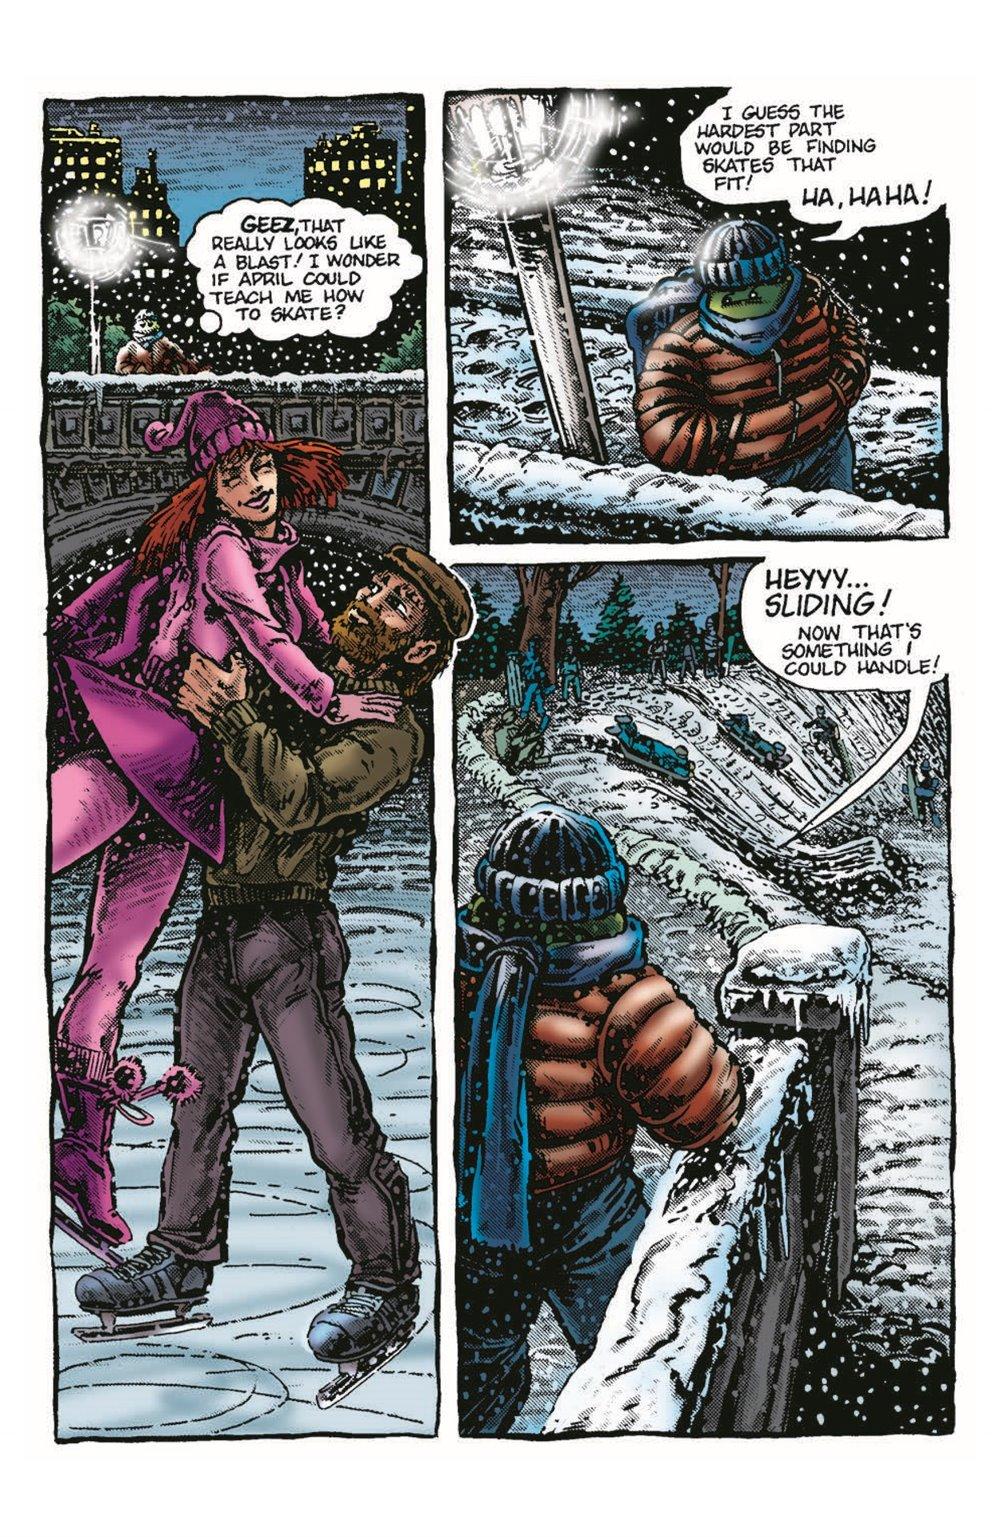 TMNT-Bestof-Mike_pr-4 ComicList Previews: TEENAGE MUTANT NINJA TURTLES BEST OF MICHELANGELO #1